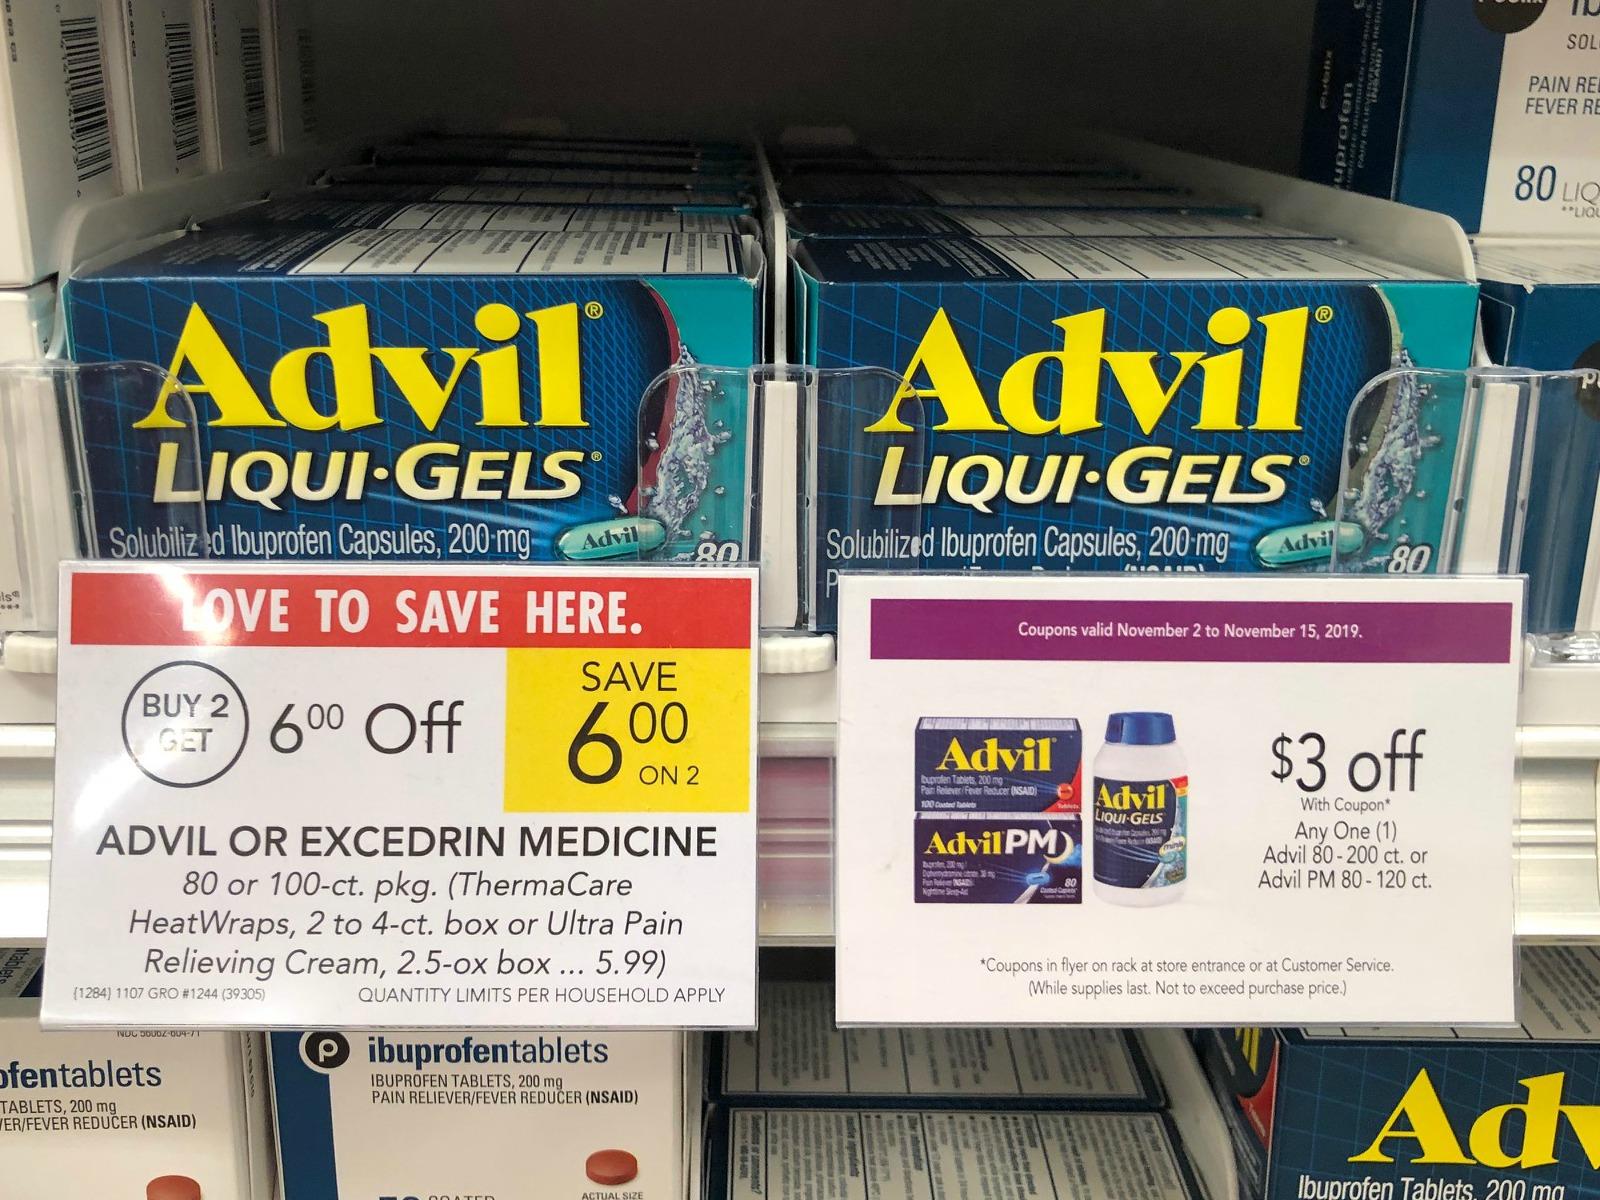 Advil Liqui Gels Just 4 98 At Publix Less Than Half Price